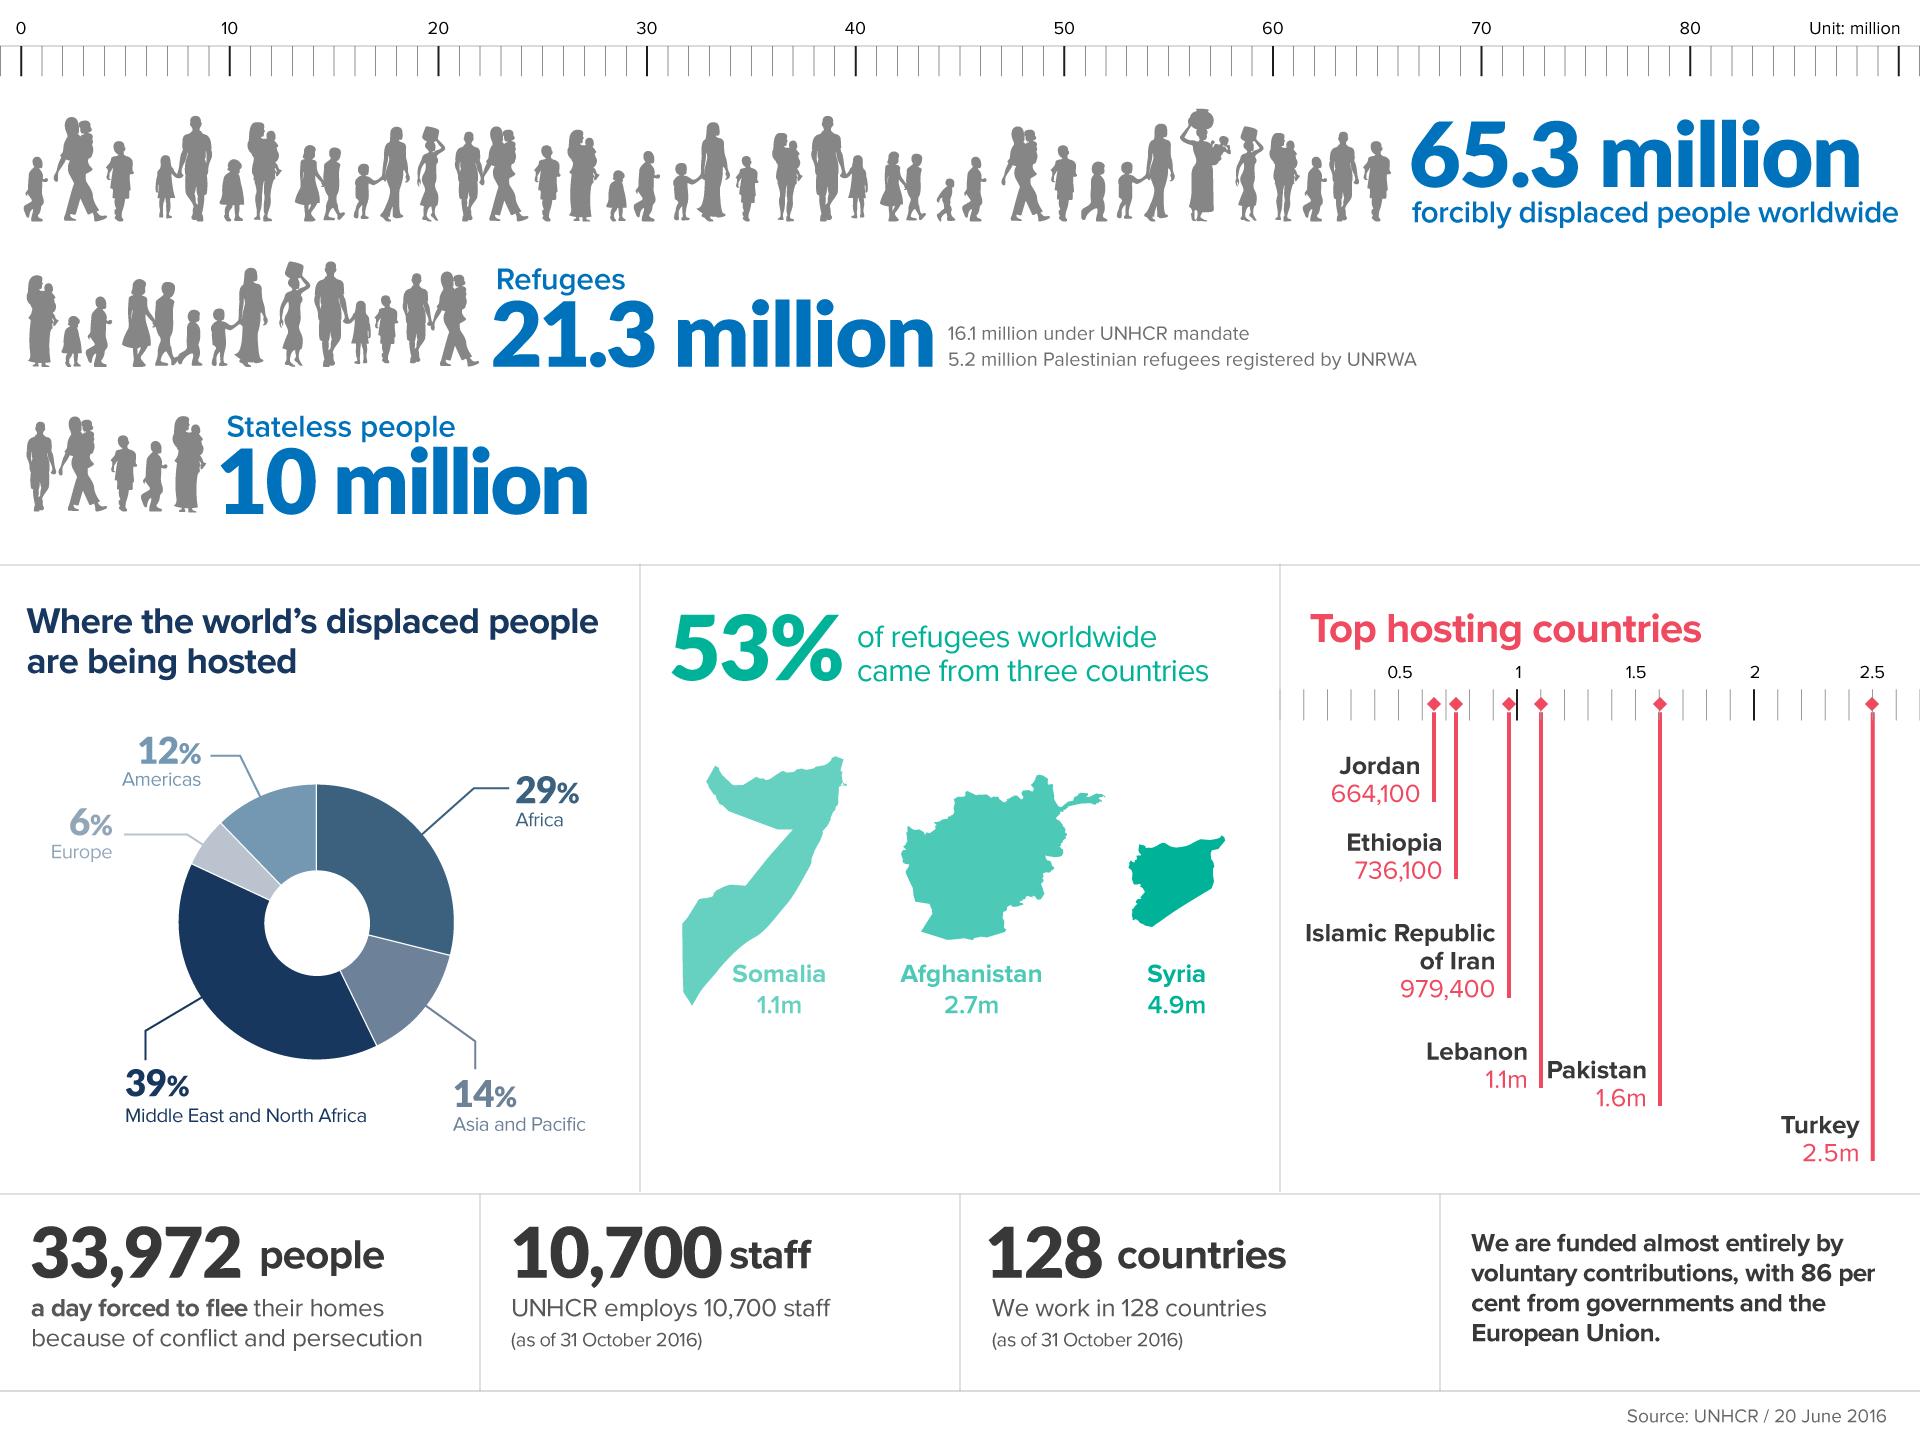 Bēgļi: no kurienes viņi nāk un kur apmeties vairums? (Avots: unhcr.org)